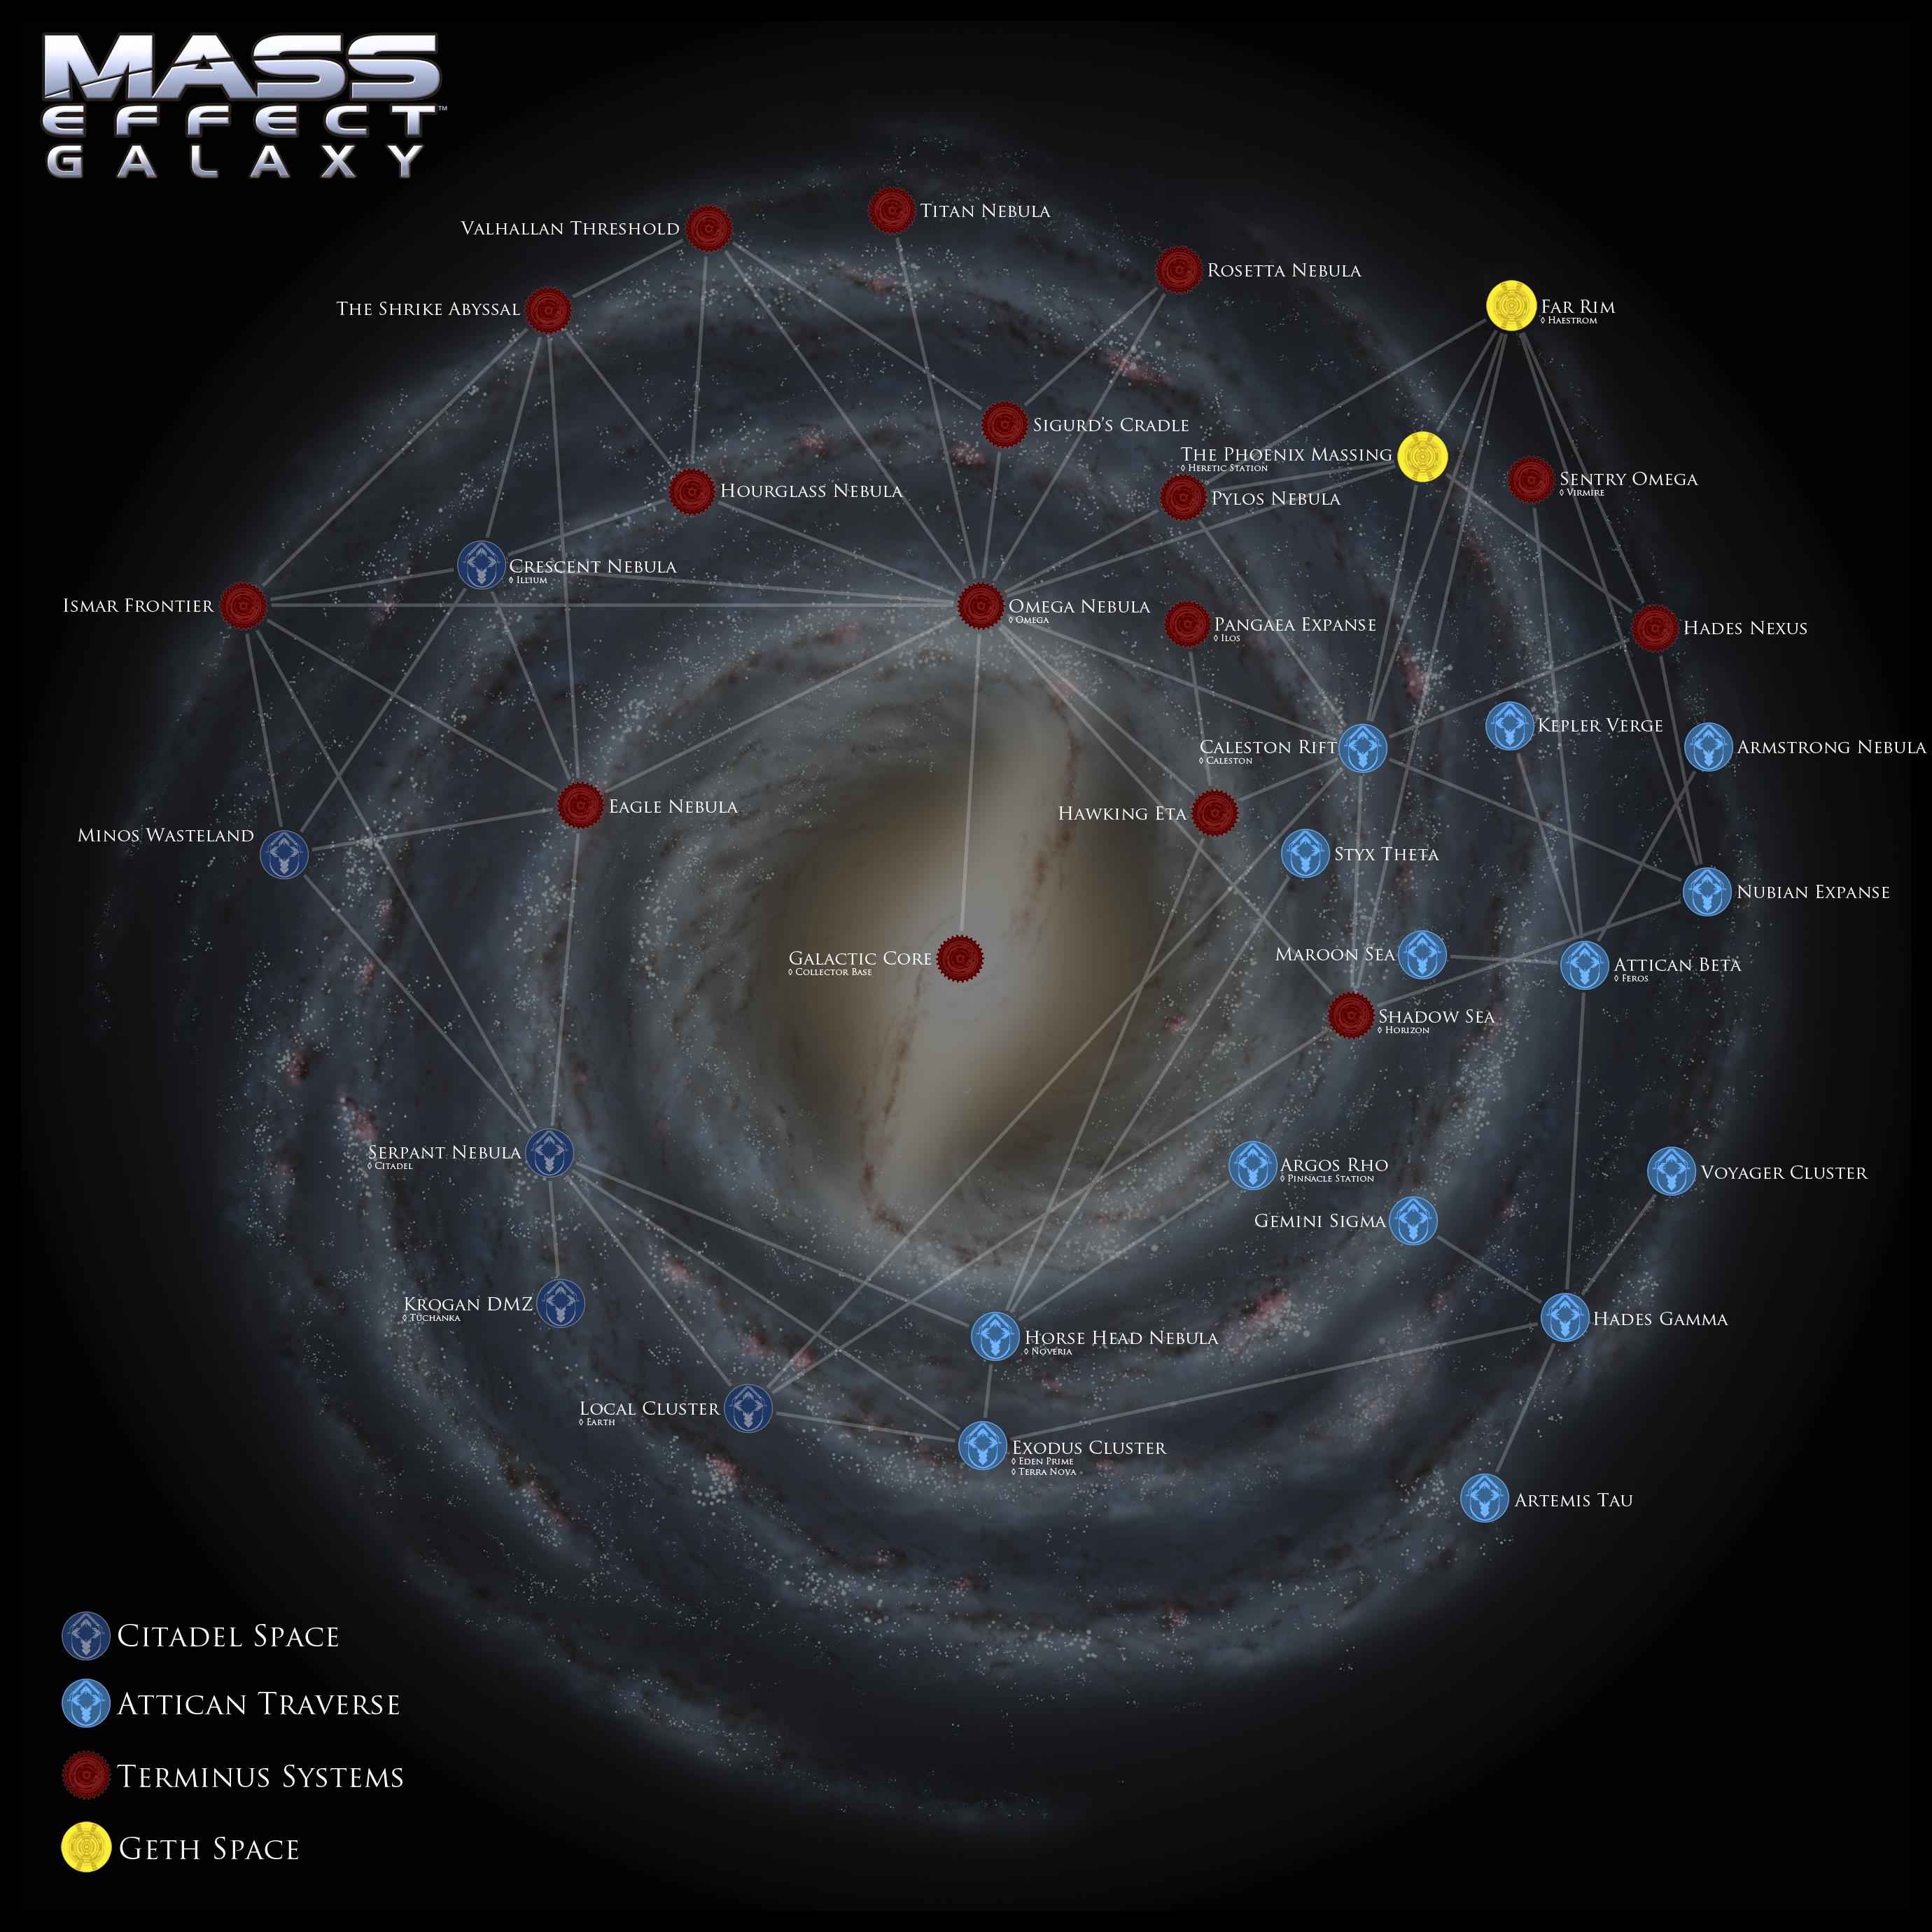 Mass Effect Star Map.Galaxy Map Mass Effect D20